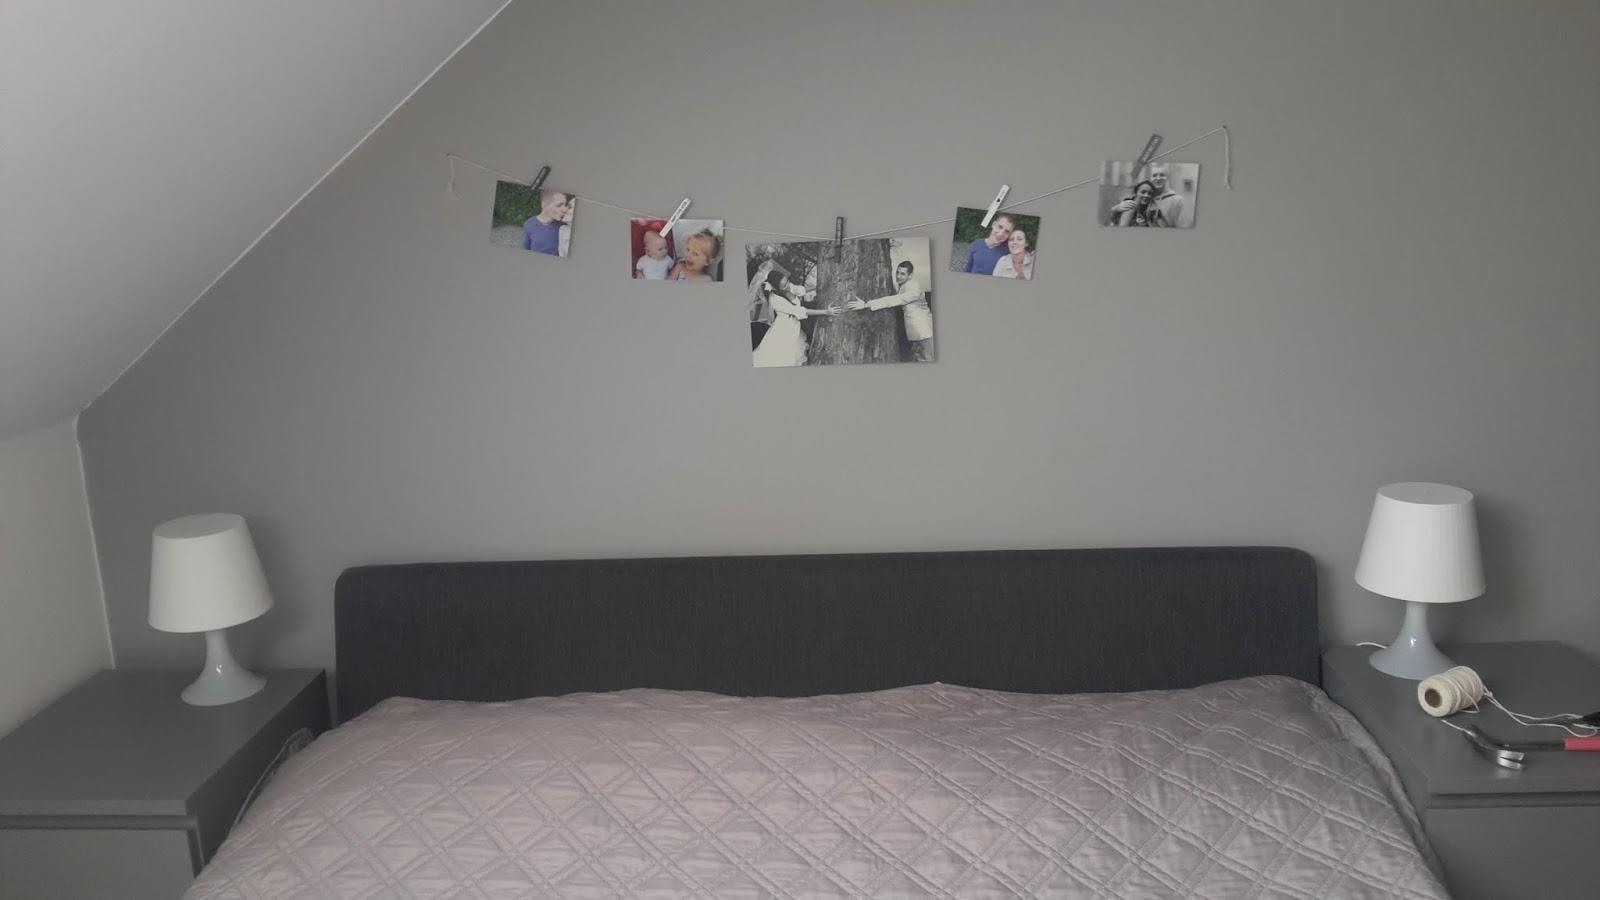 Tak sobie robię: DIY: zdjęcia na sznurku, czyli dekoracja pokoju